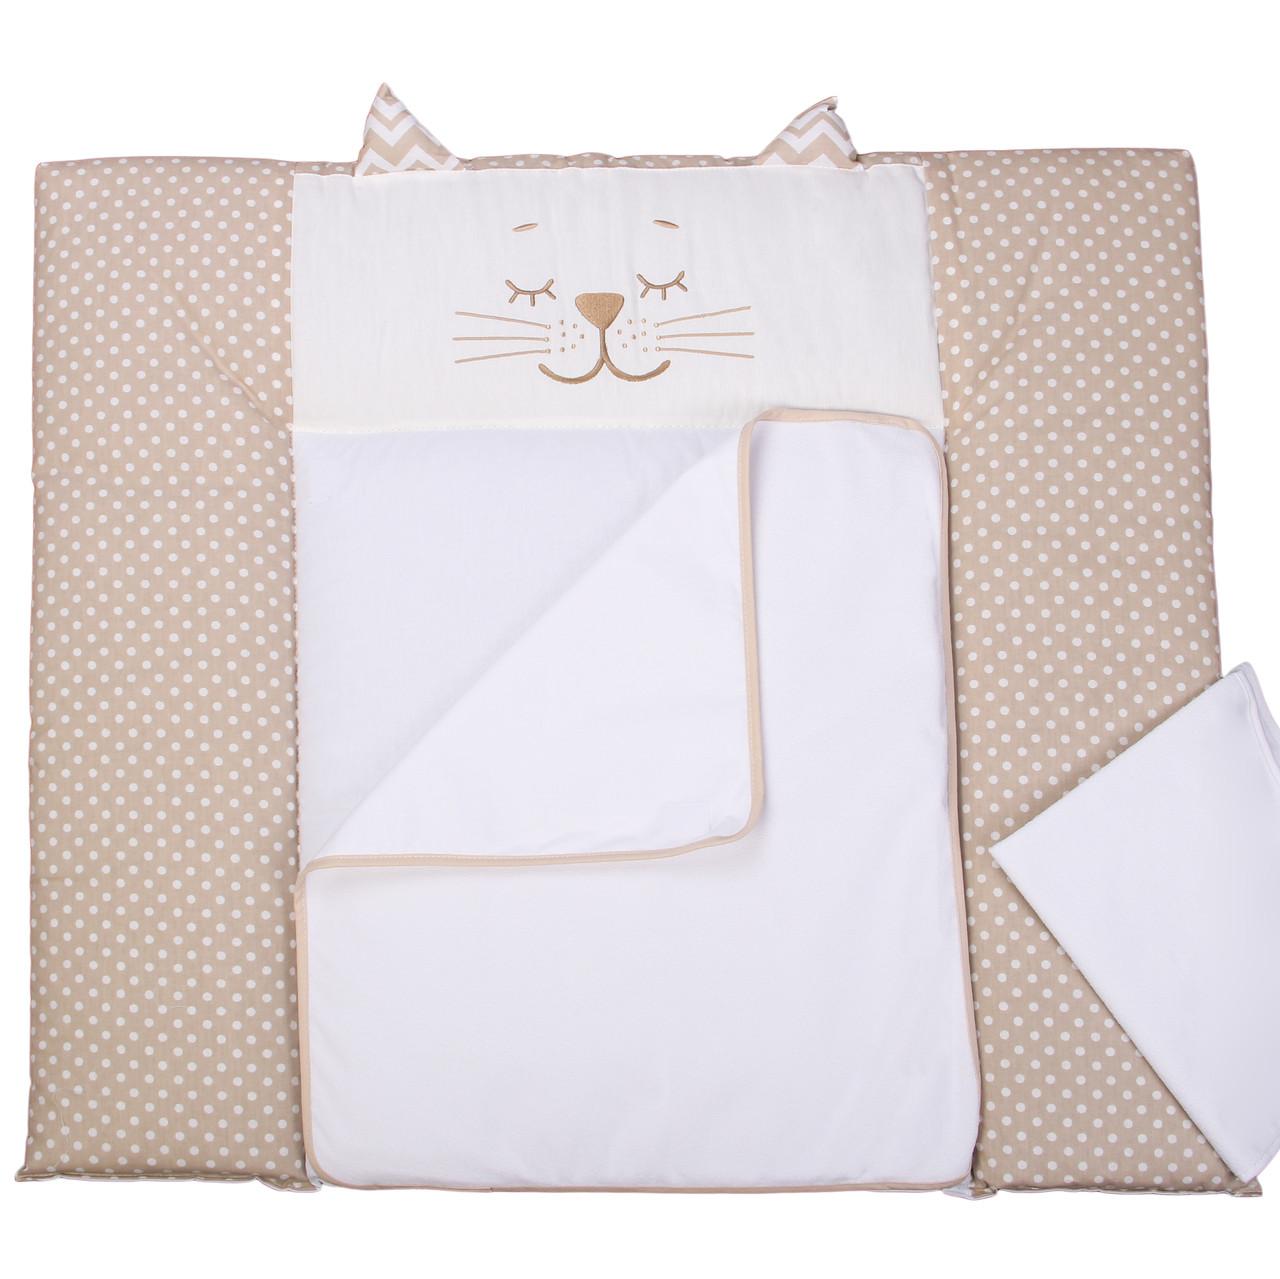 Пеленальный матрас для новорожденных тканевый Veres Smiling animals beige